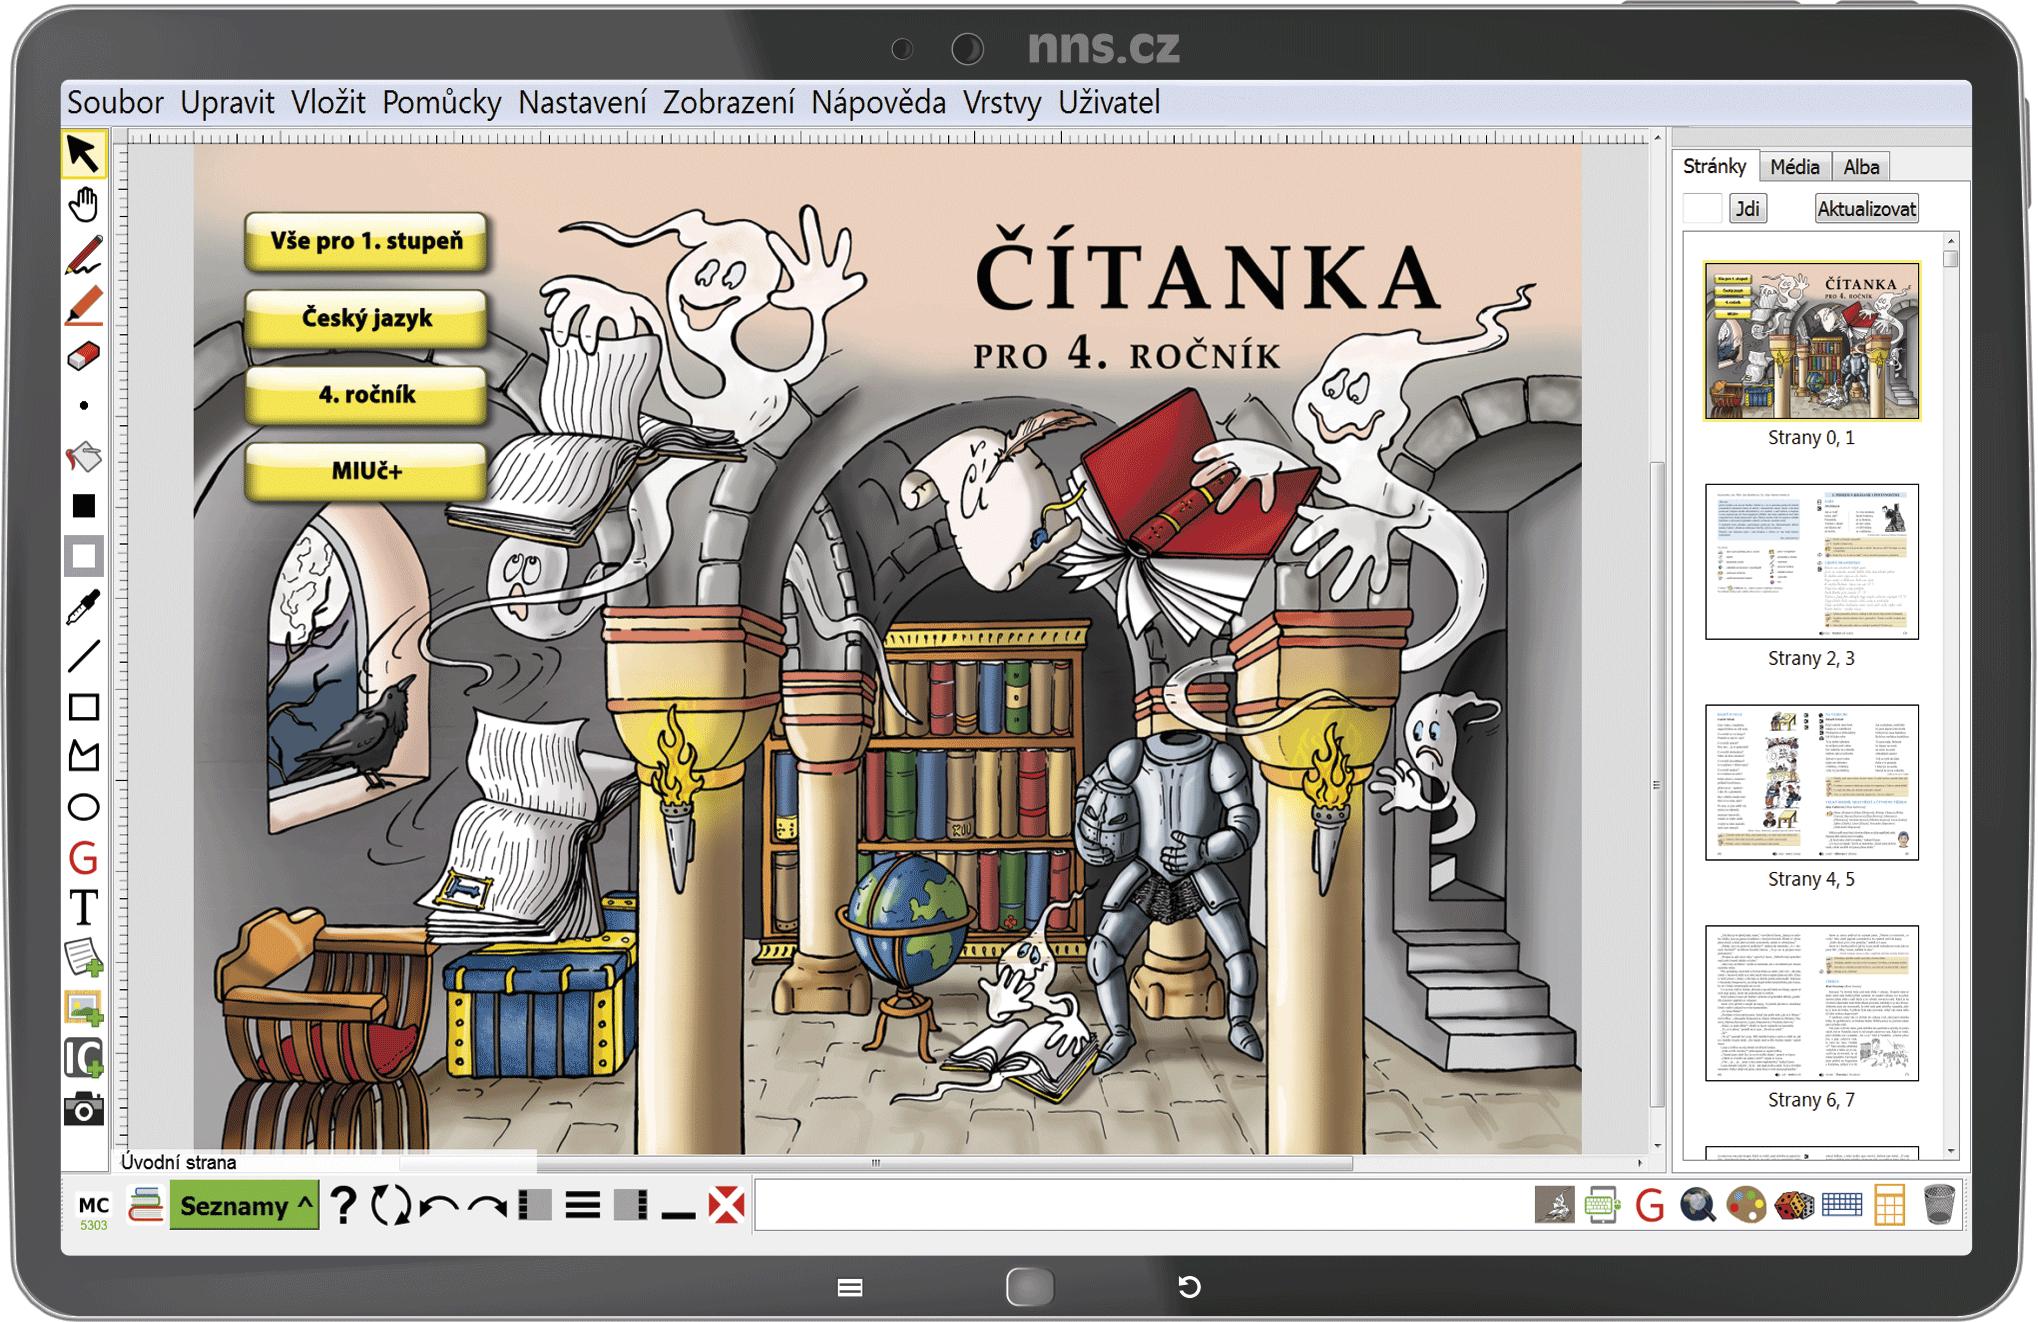 MIUč+ Čítanka 4 - šk. multilicence na 1 šk. rok NOVINKA